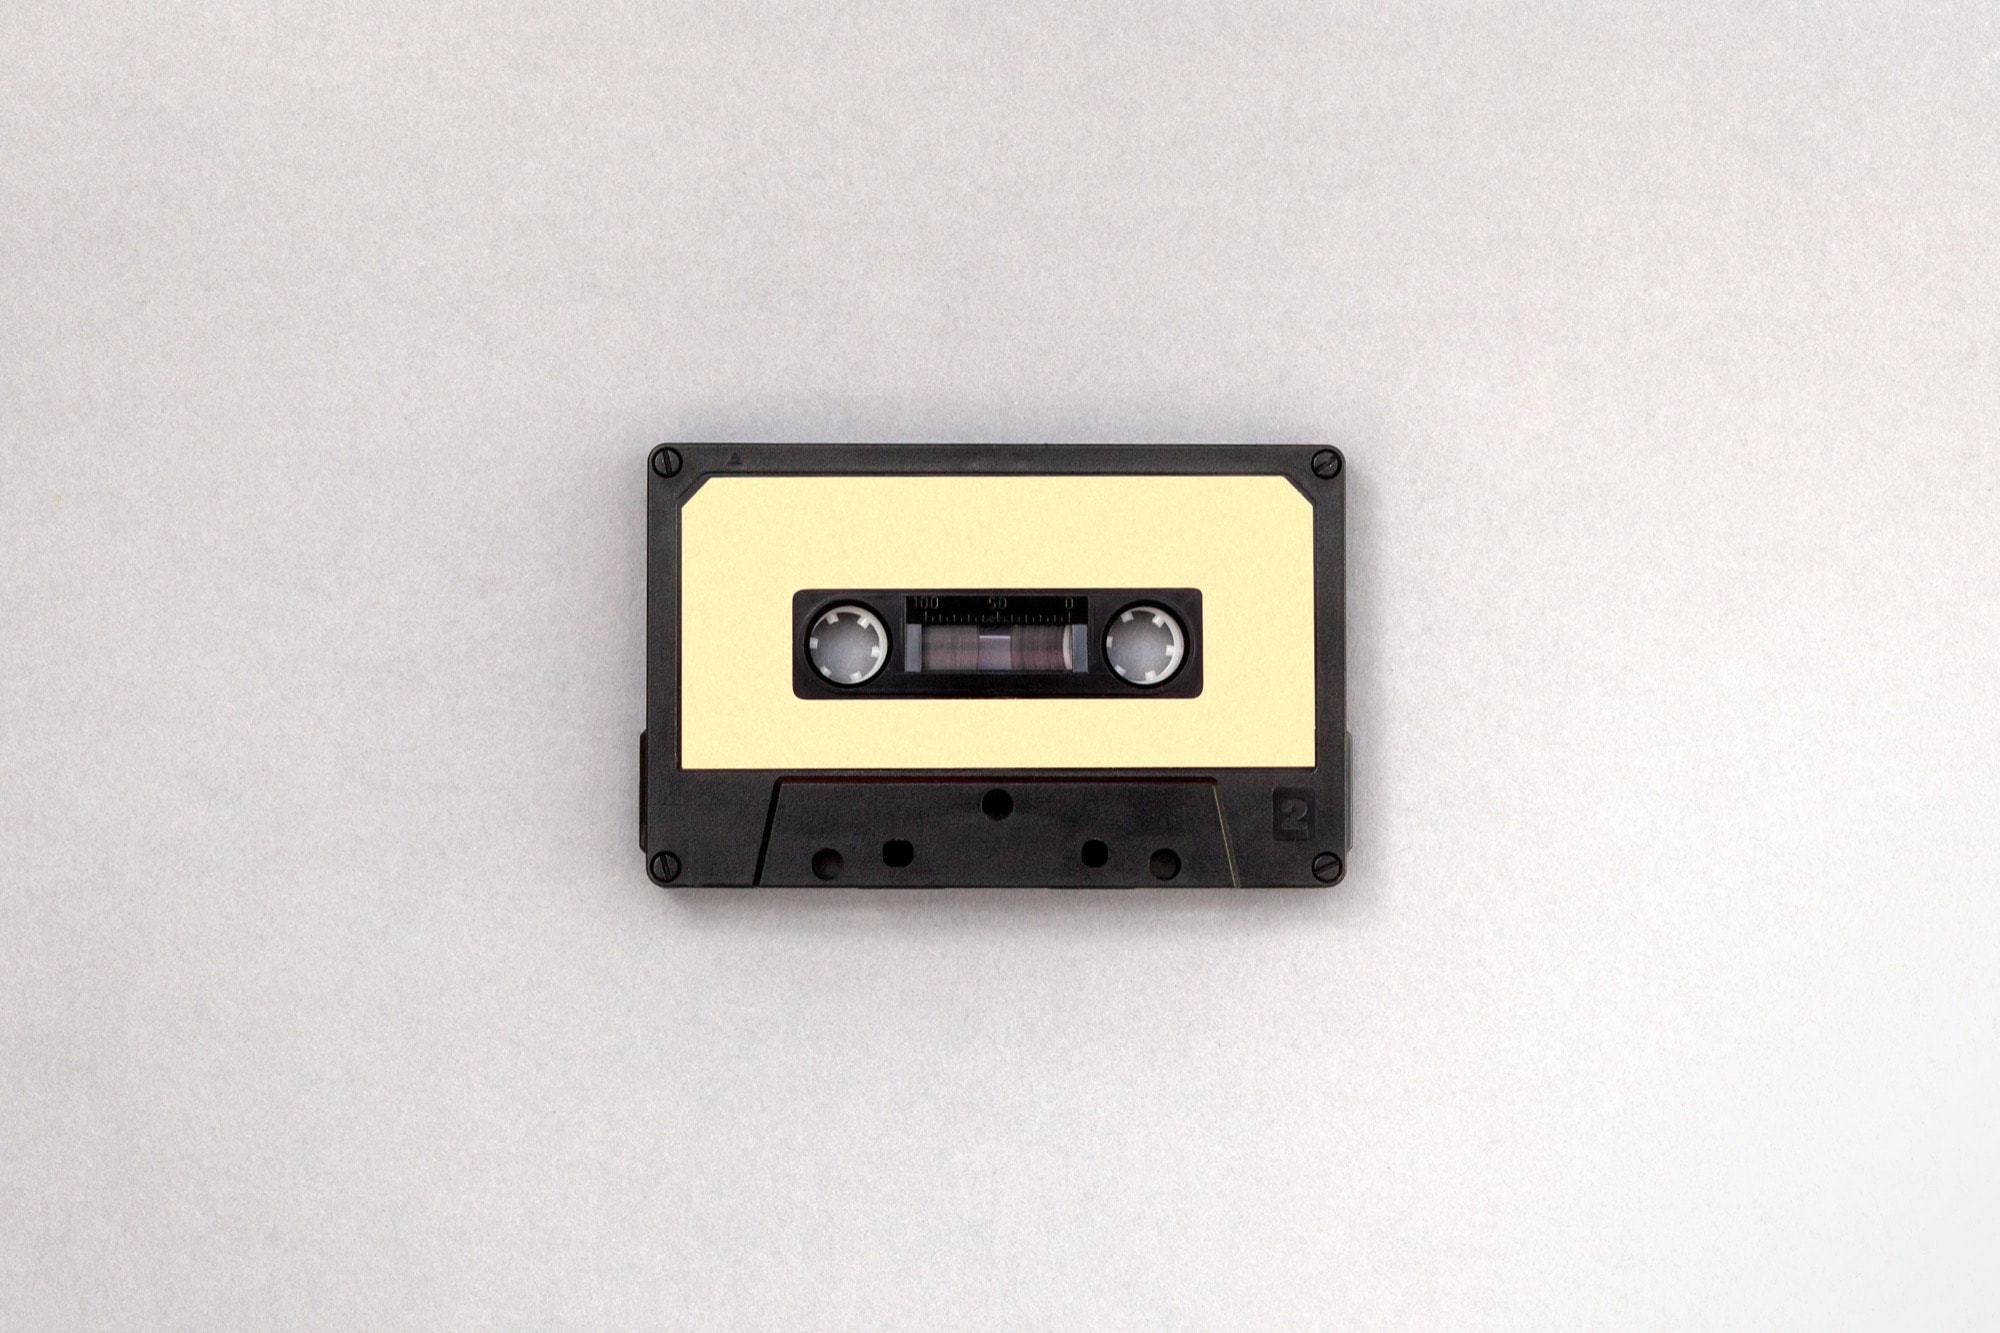 catalina's music app tape